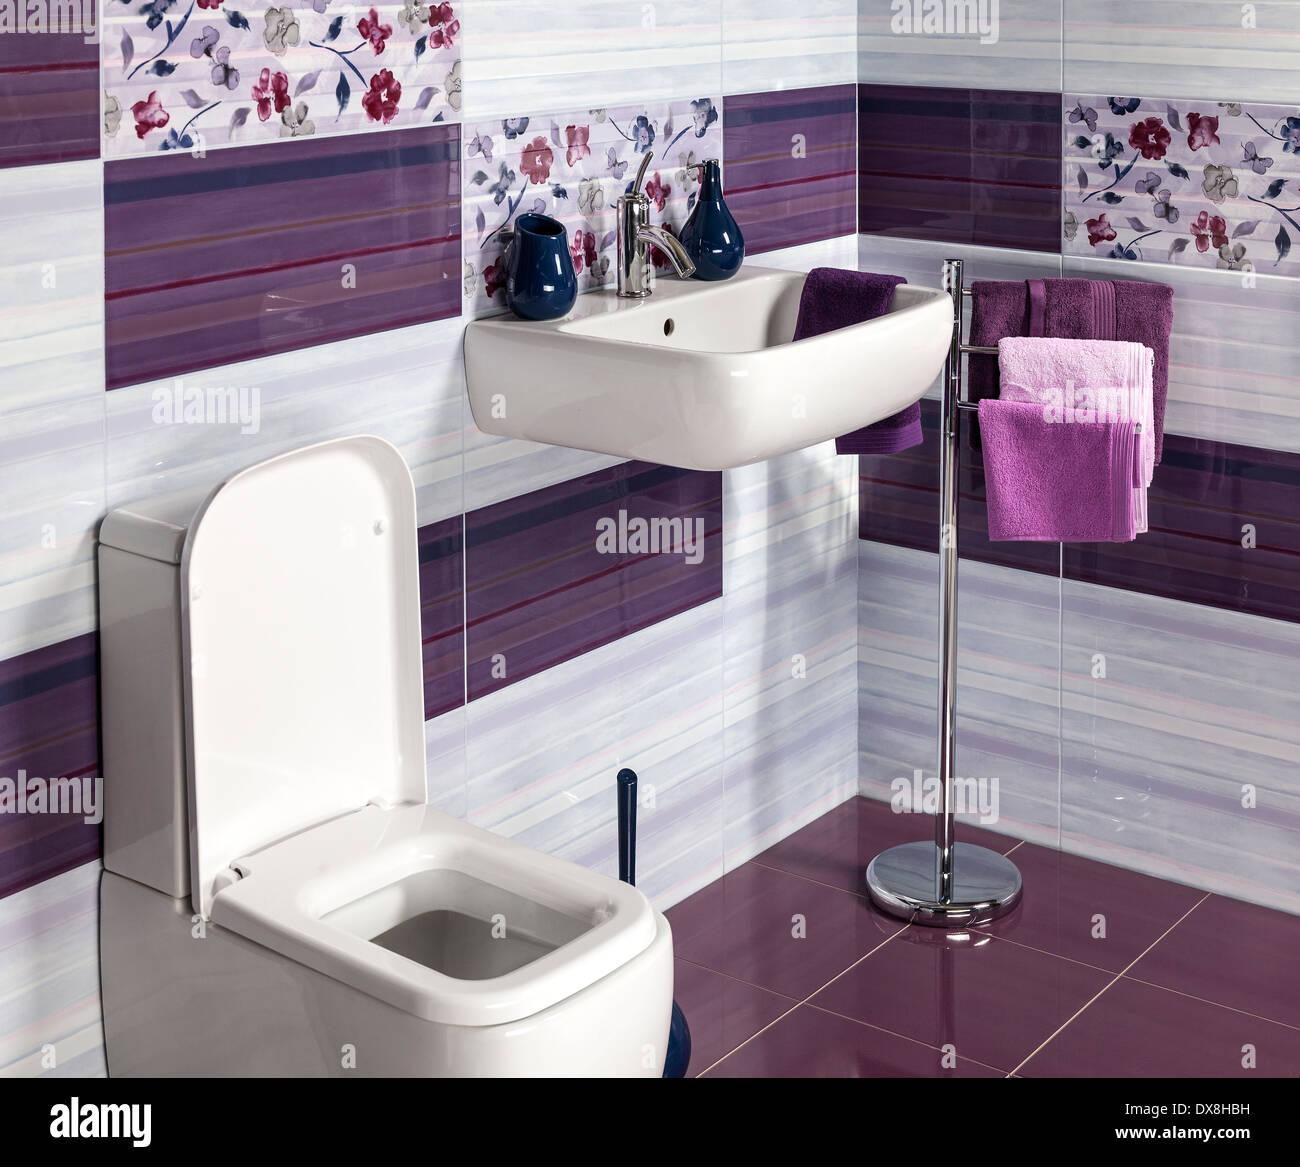 Detalle de un moderno cuarto de baño con lavabo, wc y ...